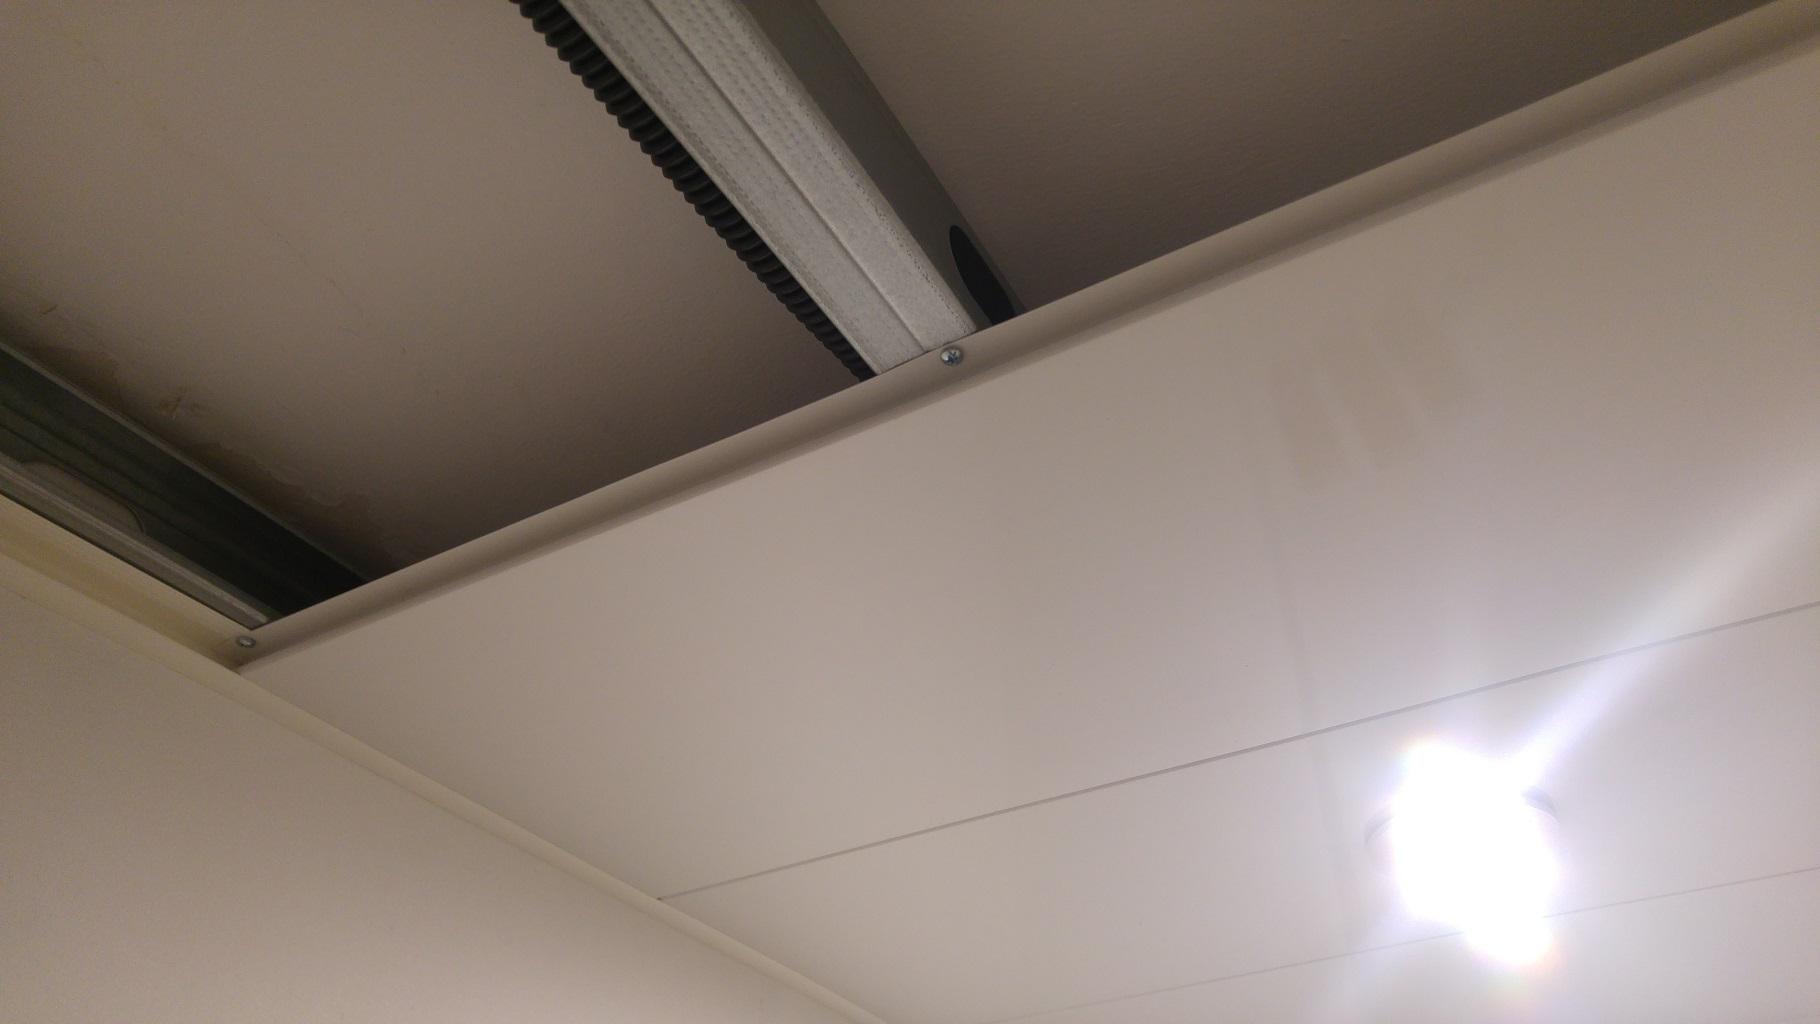 plafond lambris bois simple lambris with plafond lambris bois great lambris with plafond. Black Bedroom Furniture Sets. Home Design Ideas